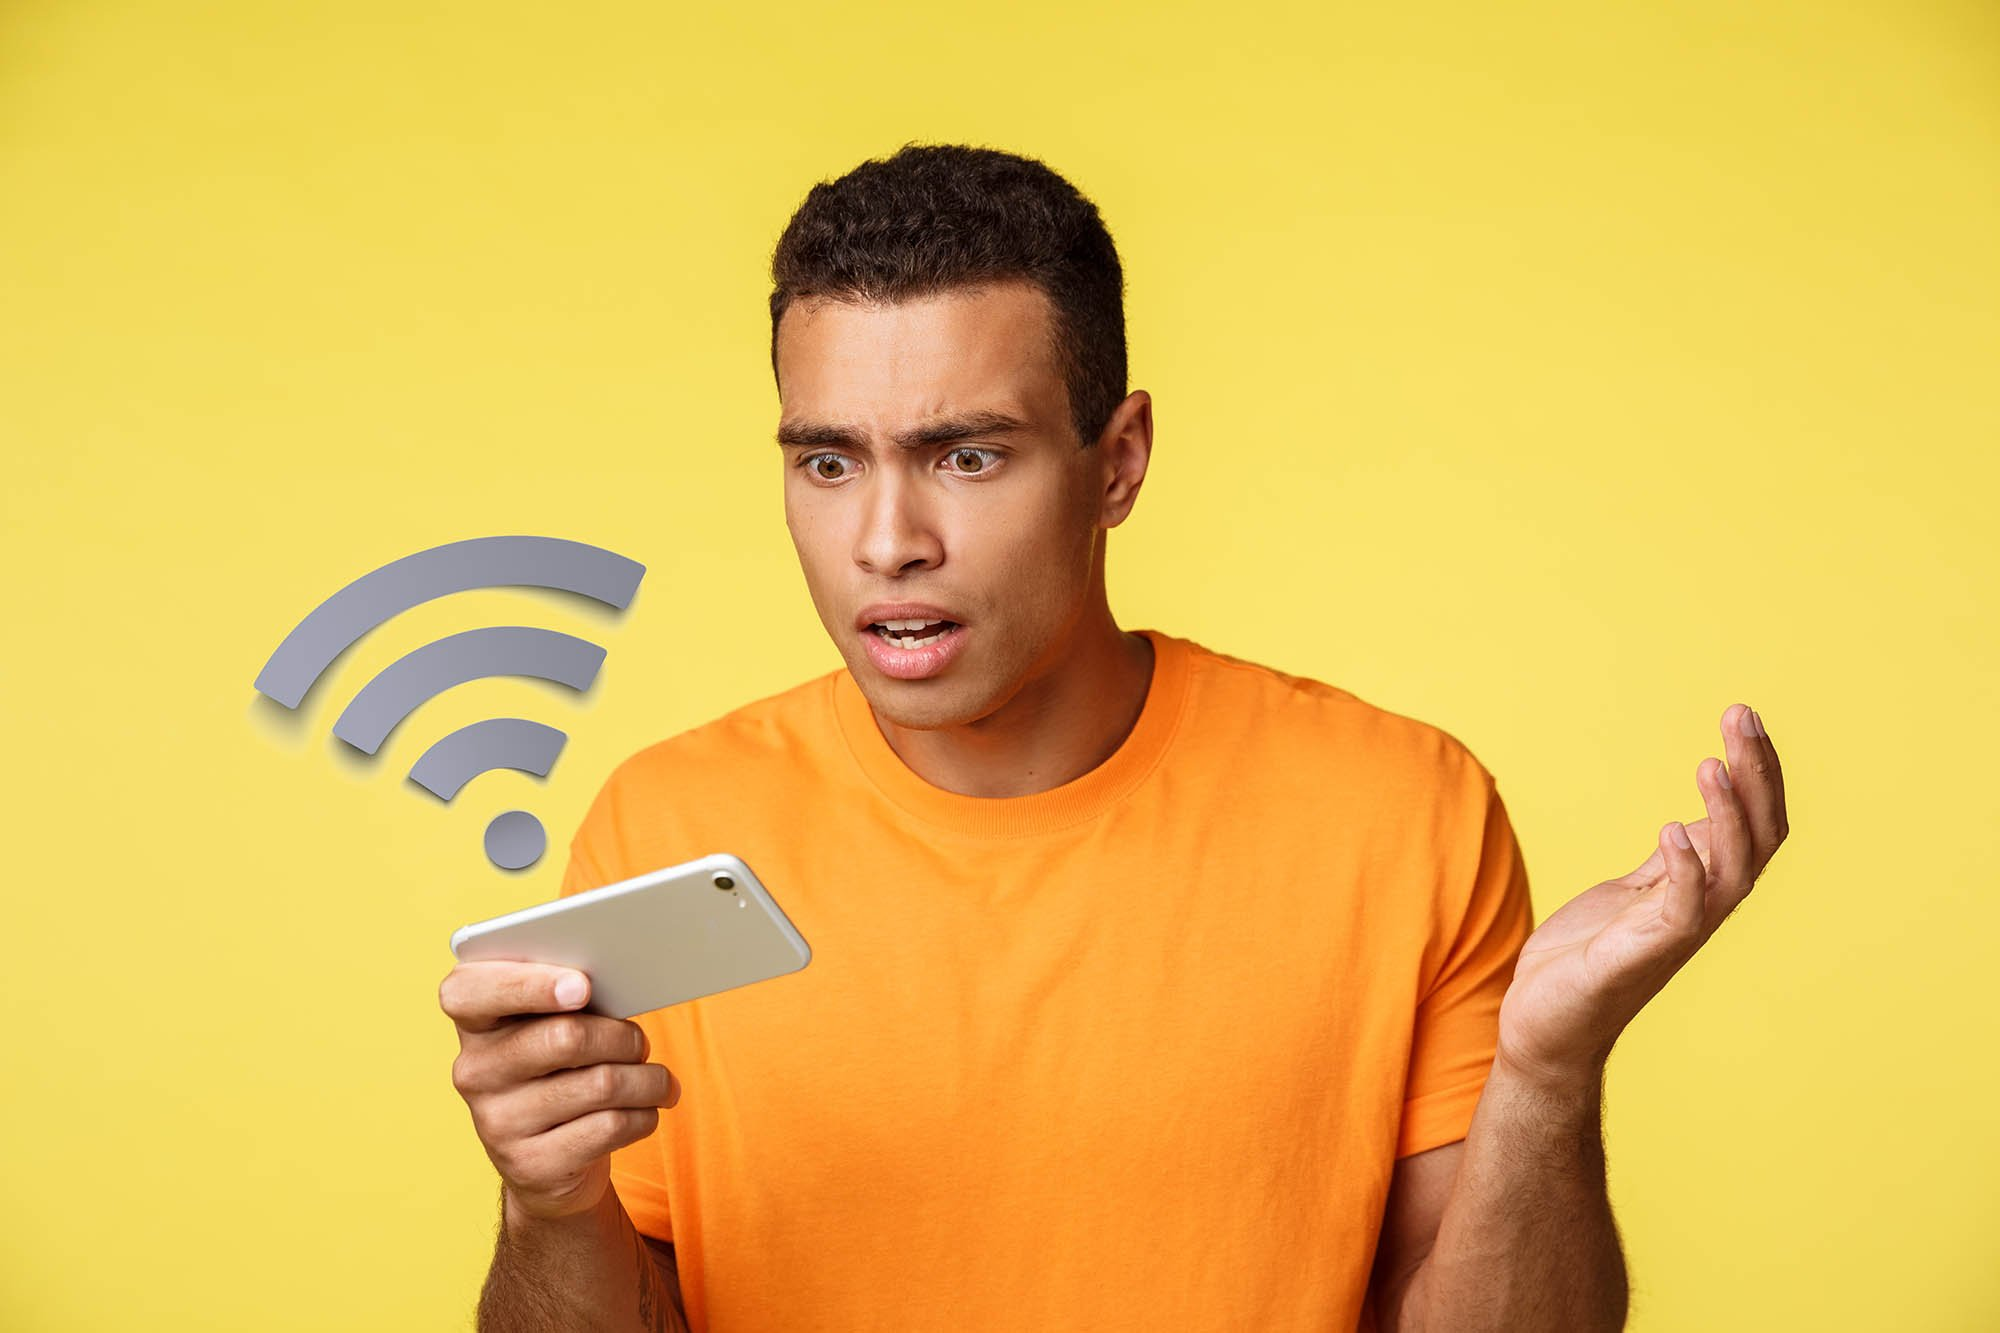 intensidad de la señal de wi fi